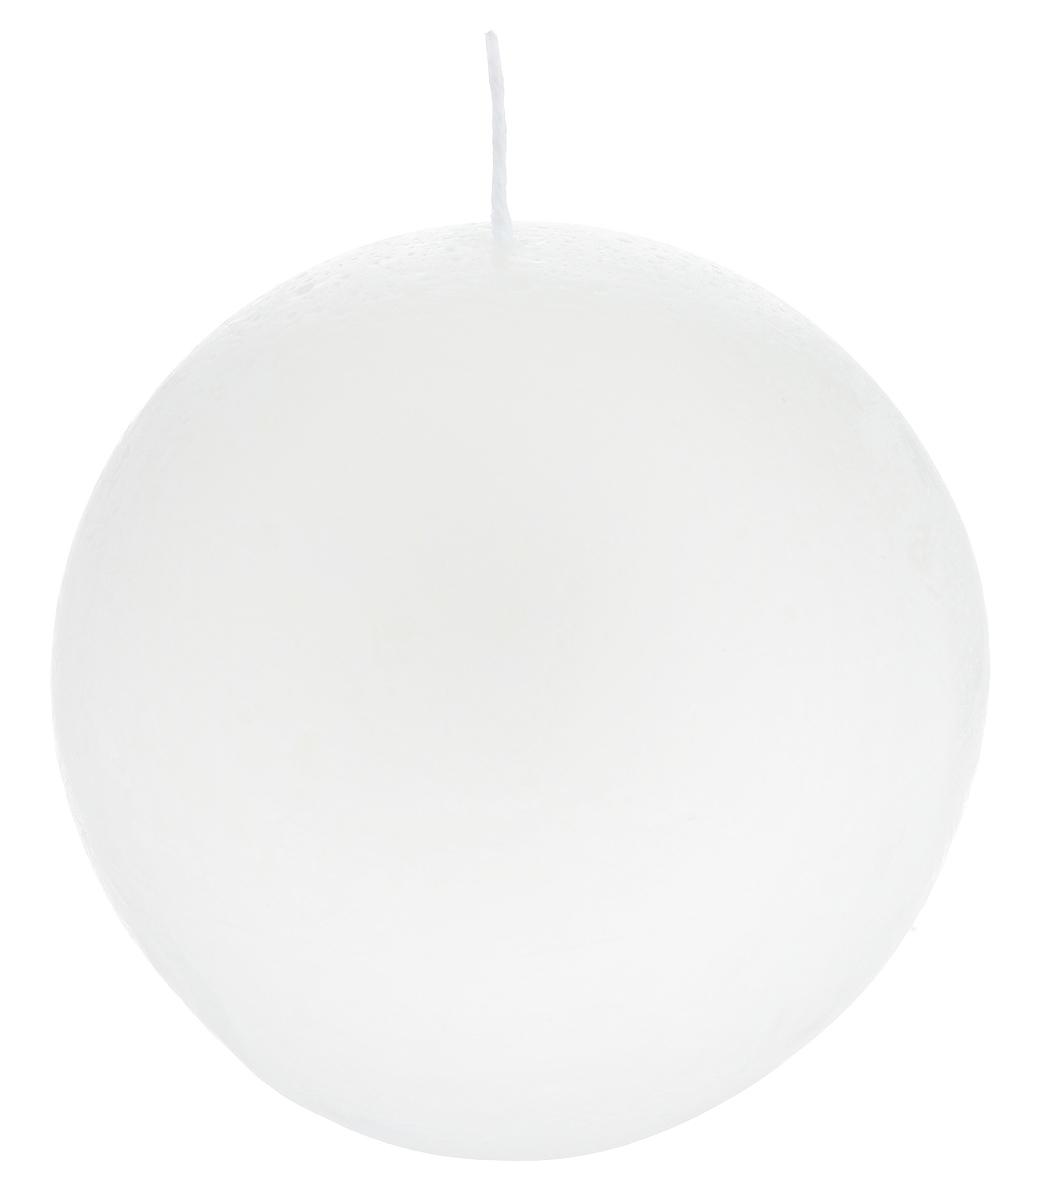 Свеча декоративная Proffi Шар, цвет: белый, диаметр 7,5 см свеча декоративная proffi шар цвет белый диаметр 7 5 см